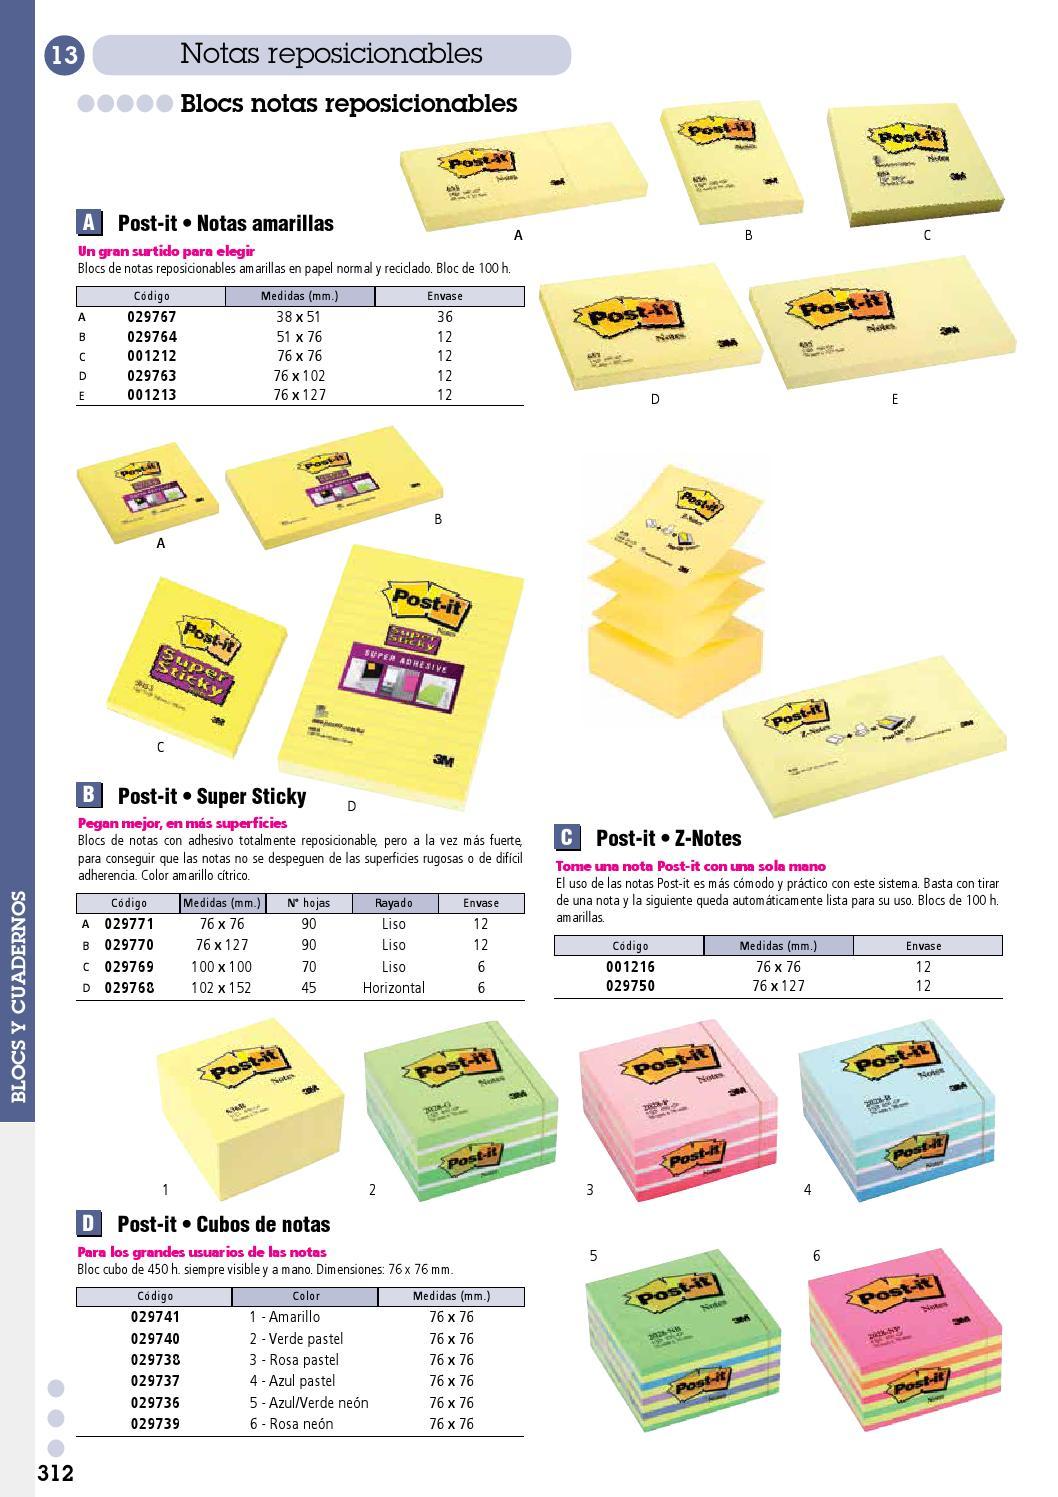 OurLeeme 64 Grids Caja de Almacenamiento de pl/ástico Organizador de pl/ástico Transparente removible Joyer/ía de u/ñas Diamantes Pendientes Collar Caja de Almacenamiento Exhibici/ón de vitrinas